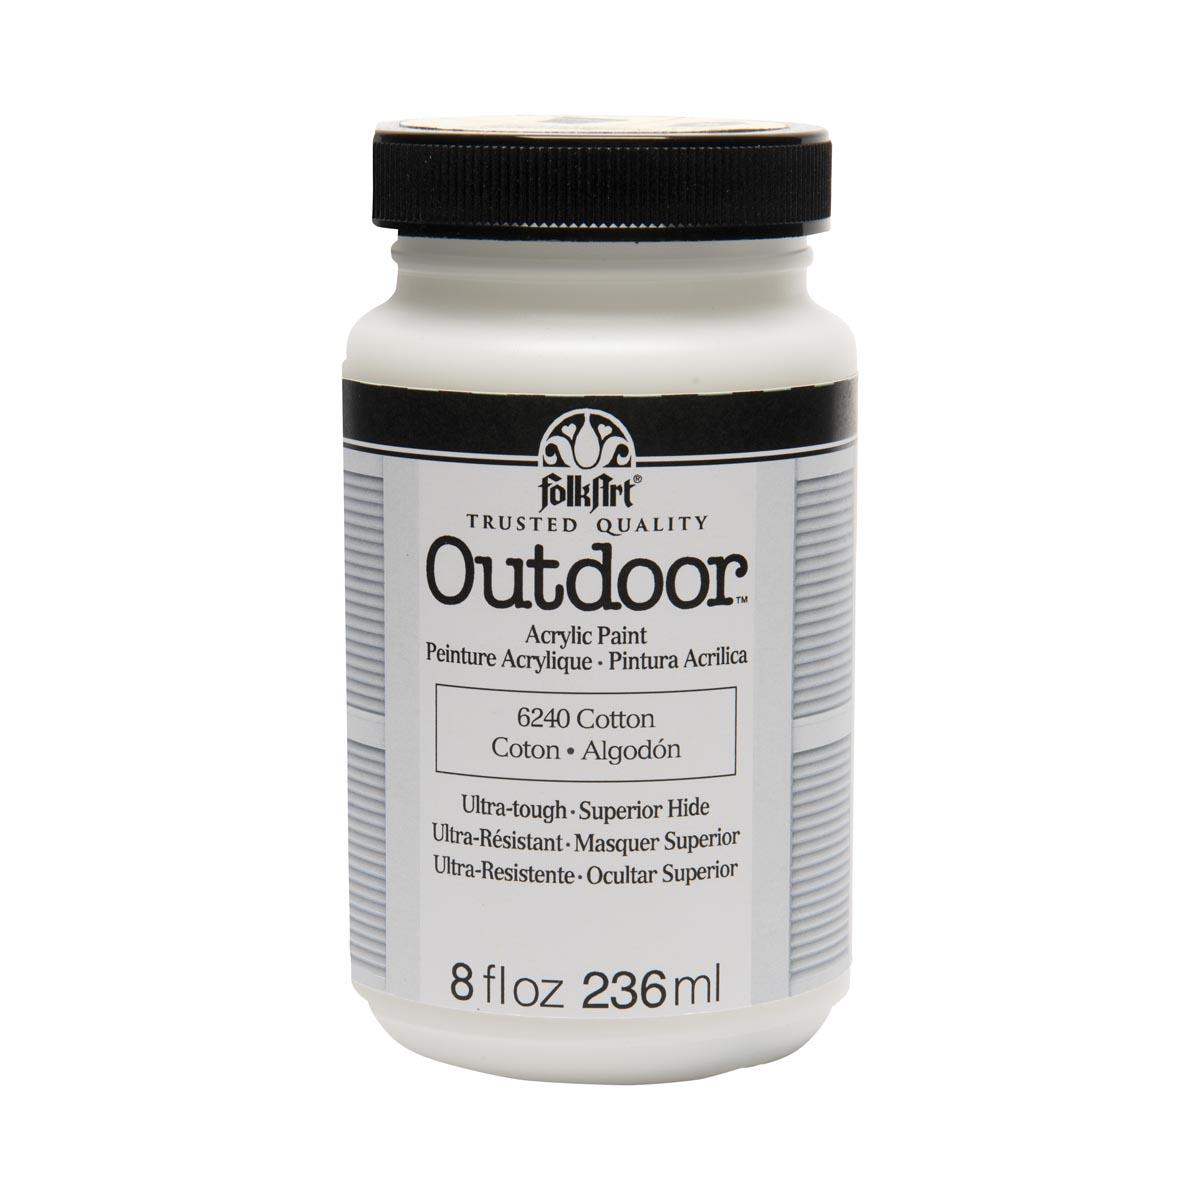 FolkArt ® Outdoor™ Acrylic Colors - Cotton, 8 oz.